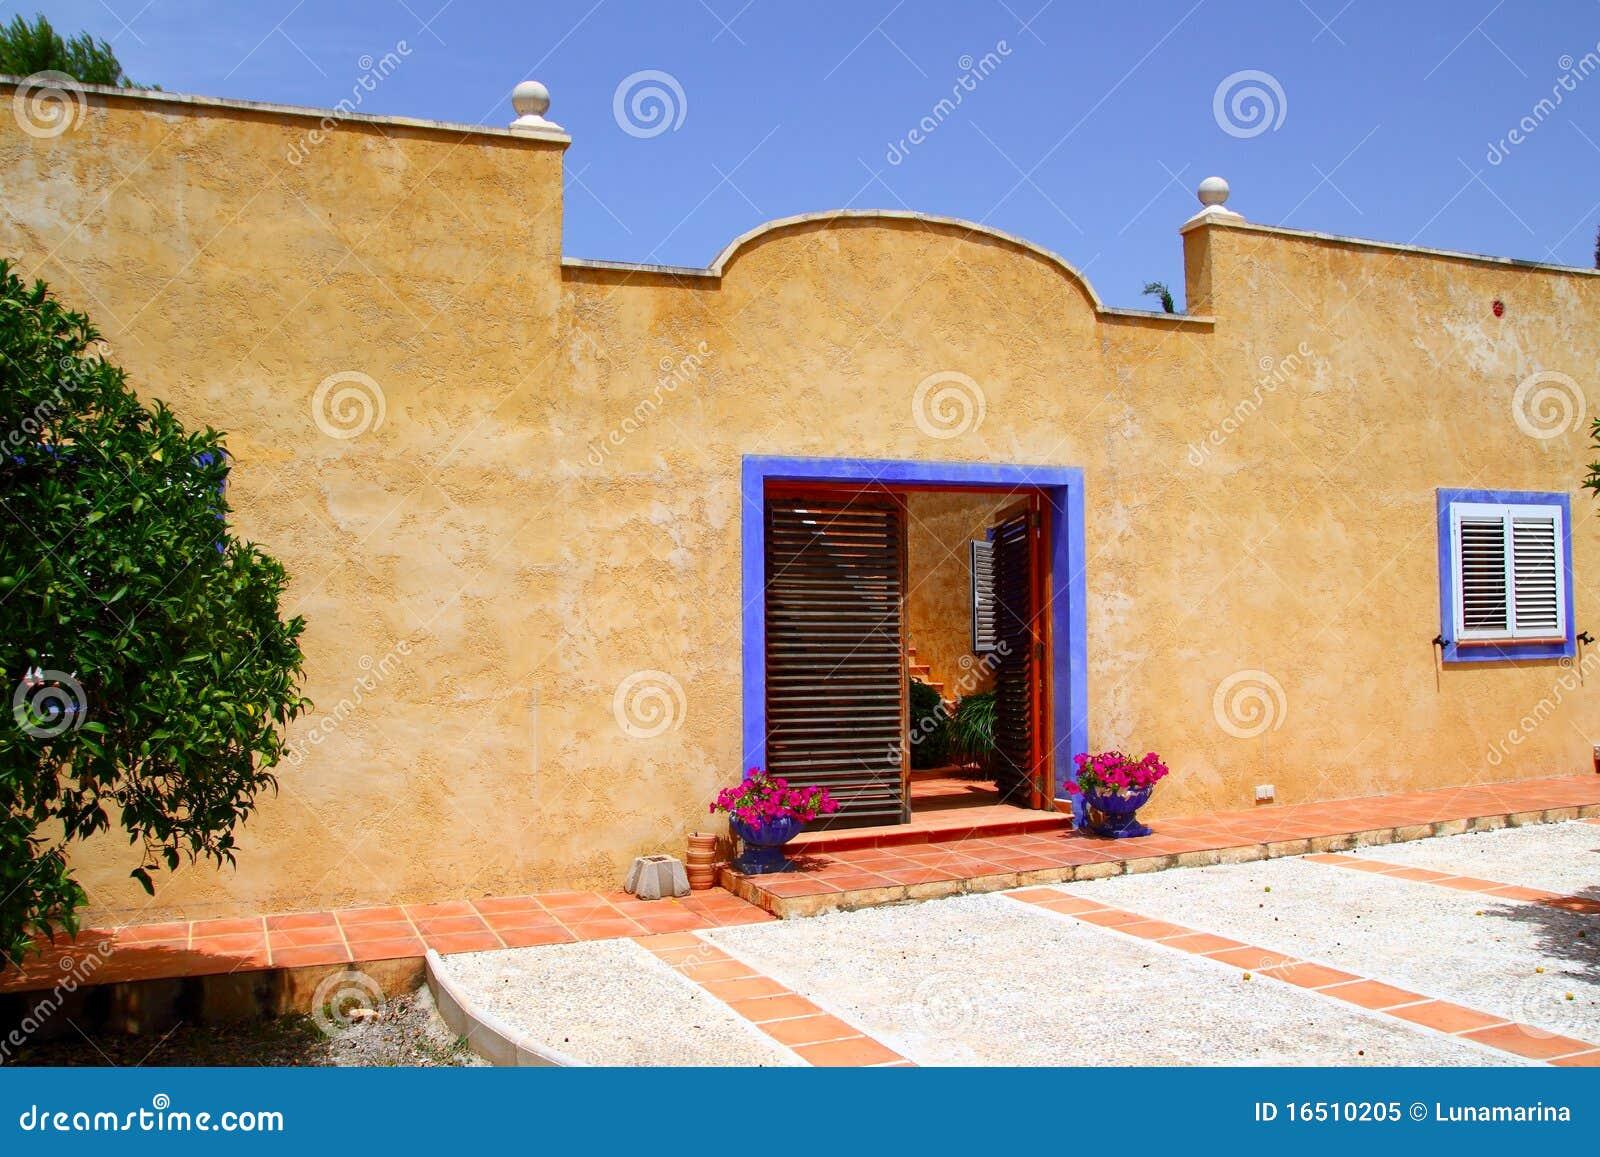 Estilo mediterr neo de la fachada hermosa de la casa foto - Casas del mediterraneo valencia ...